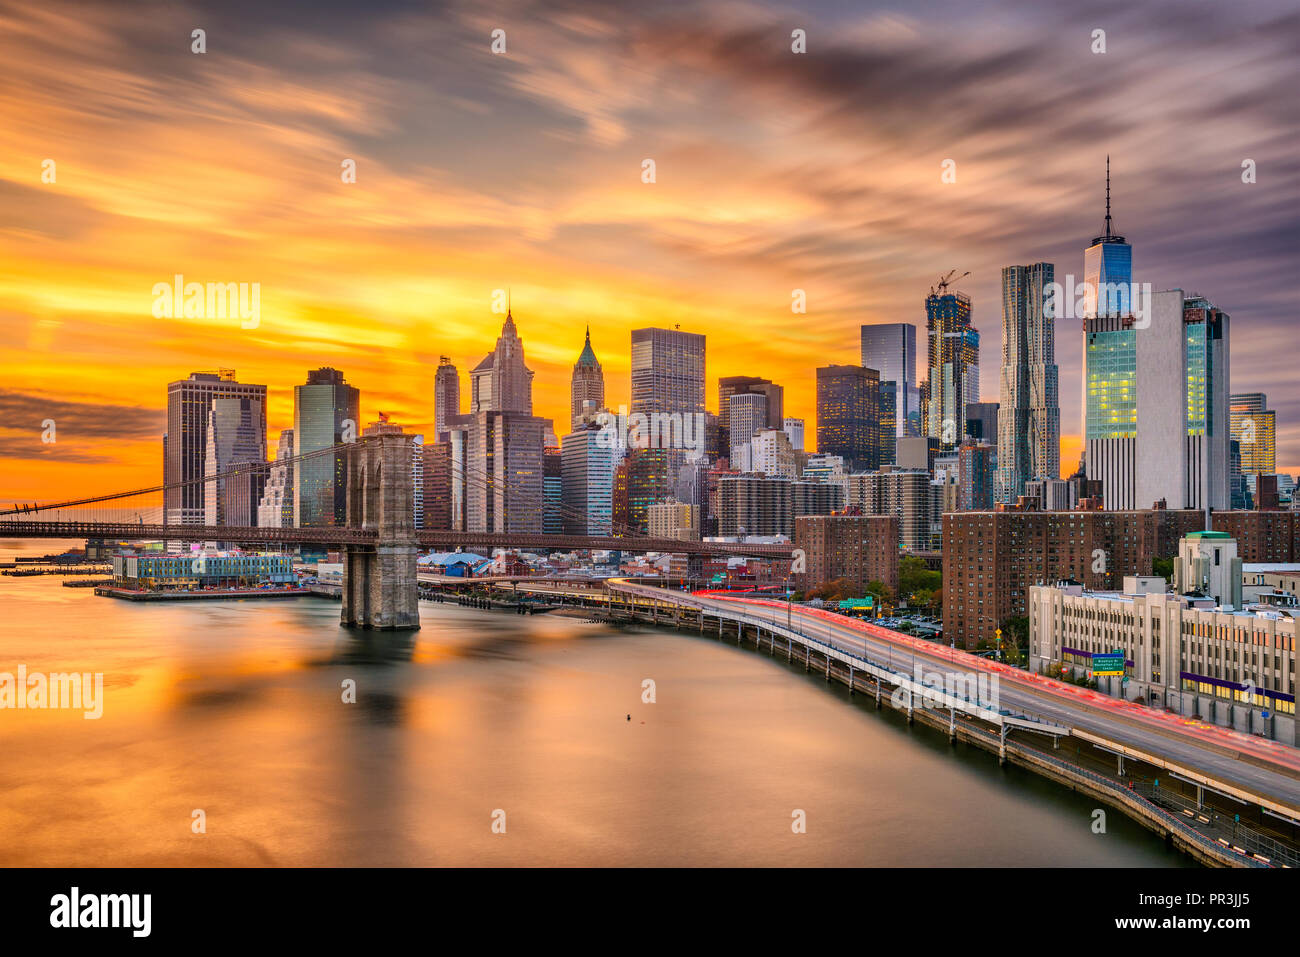 New York, New York, Stati Uniti d'America inferiore dello skyline di Manhattan su East River con il ponte di Brooklyn dopo il tramonto. Immagini Stock